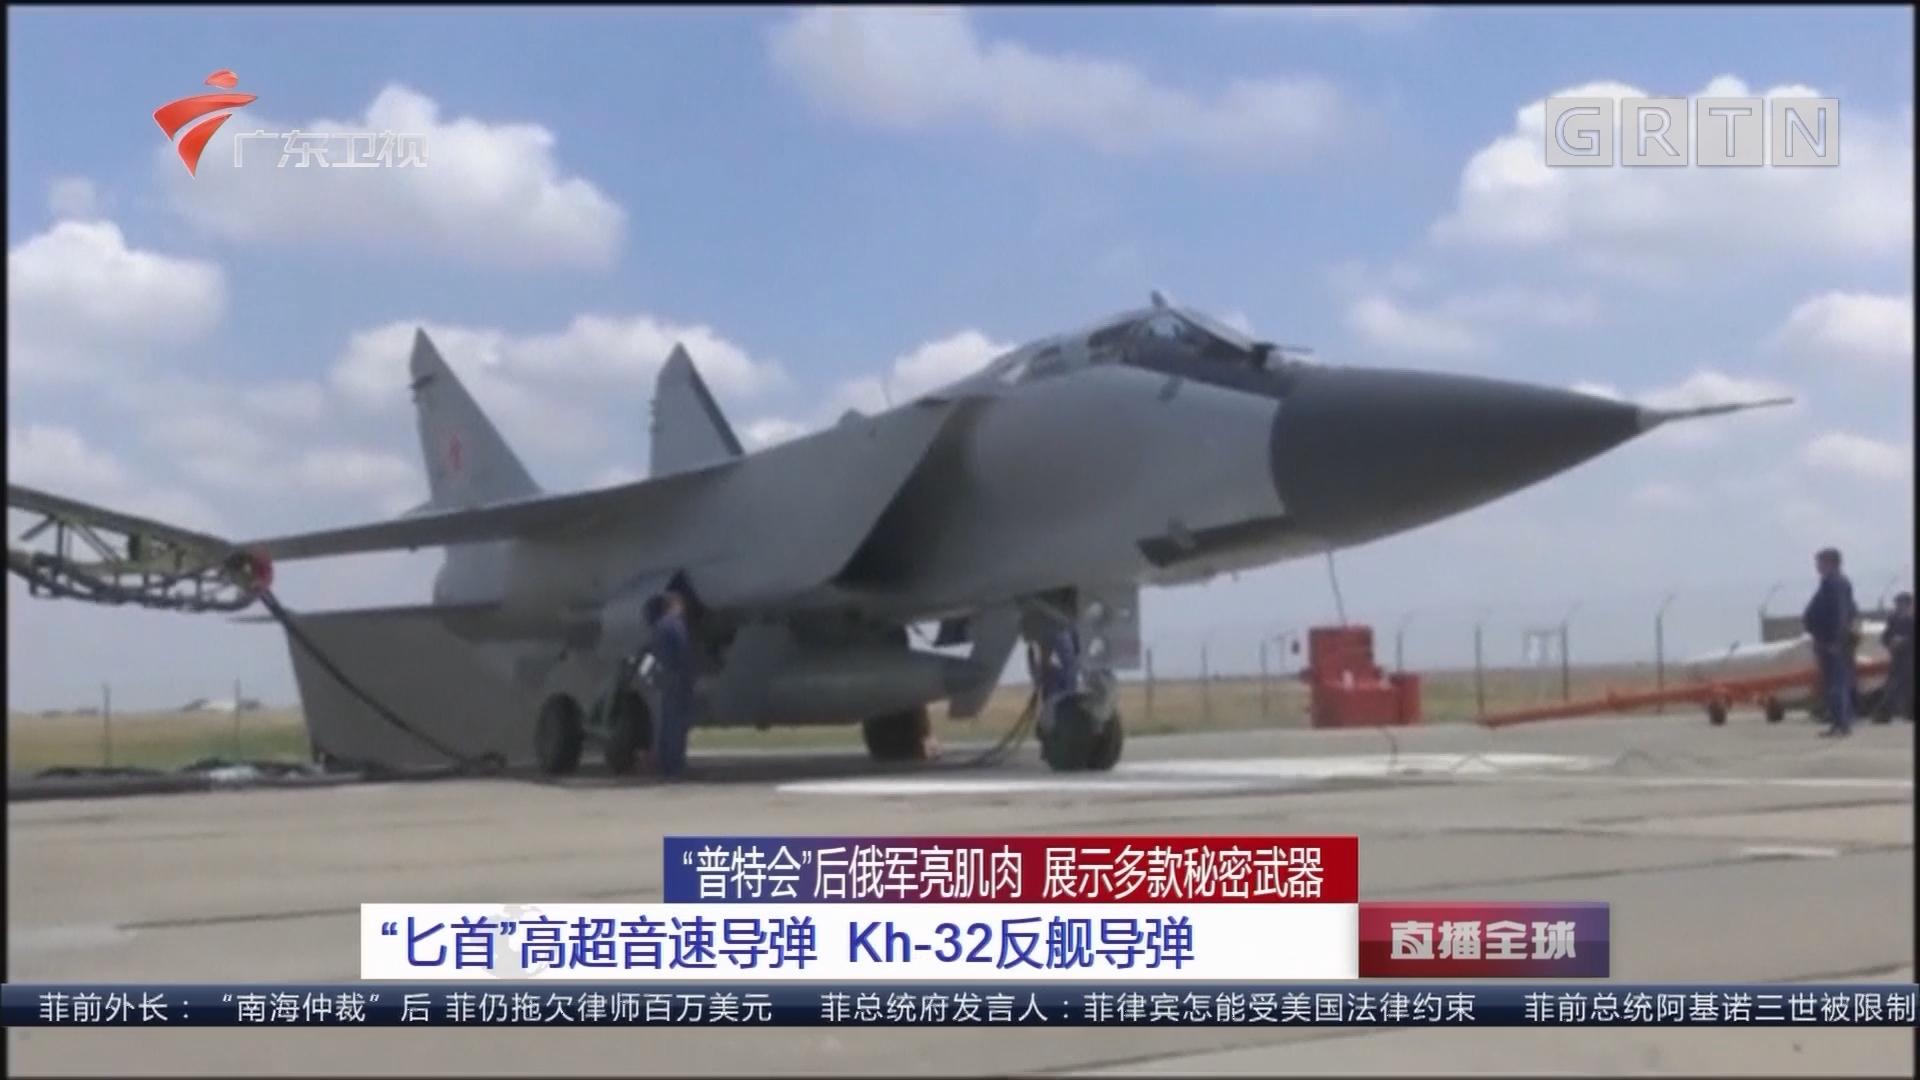 """""""普特会""""后俄军亮肌肉 展示多款秘密武器:""""匕首""""高超音速导弹 Kh-32反舰导弹"""